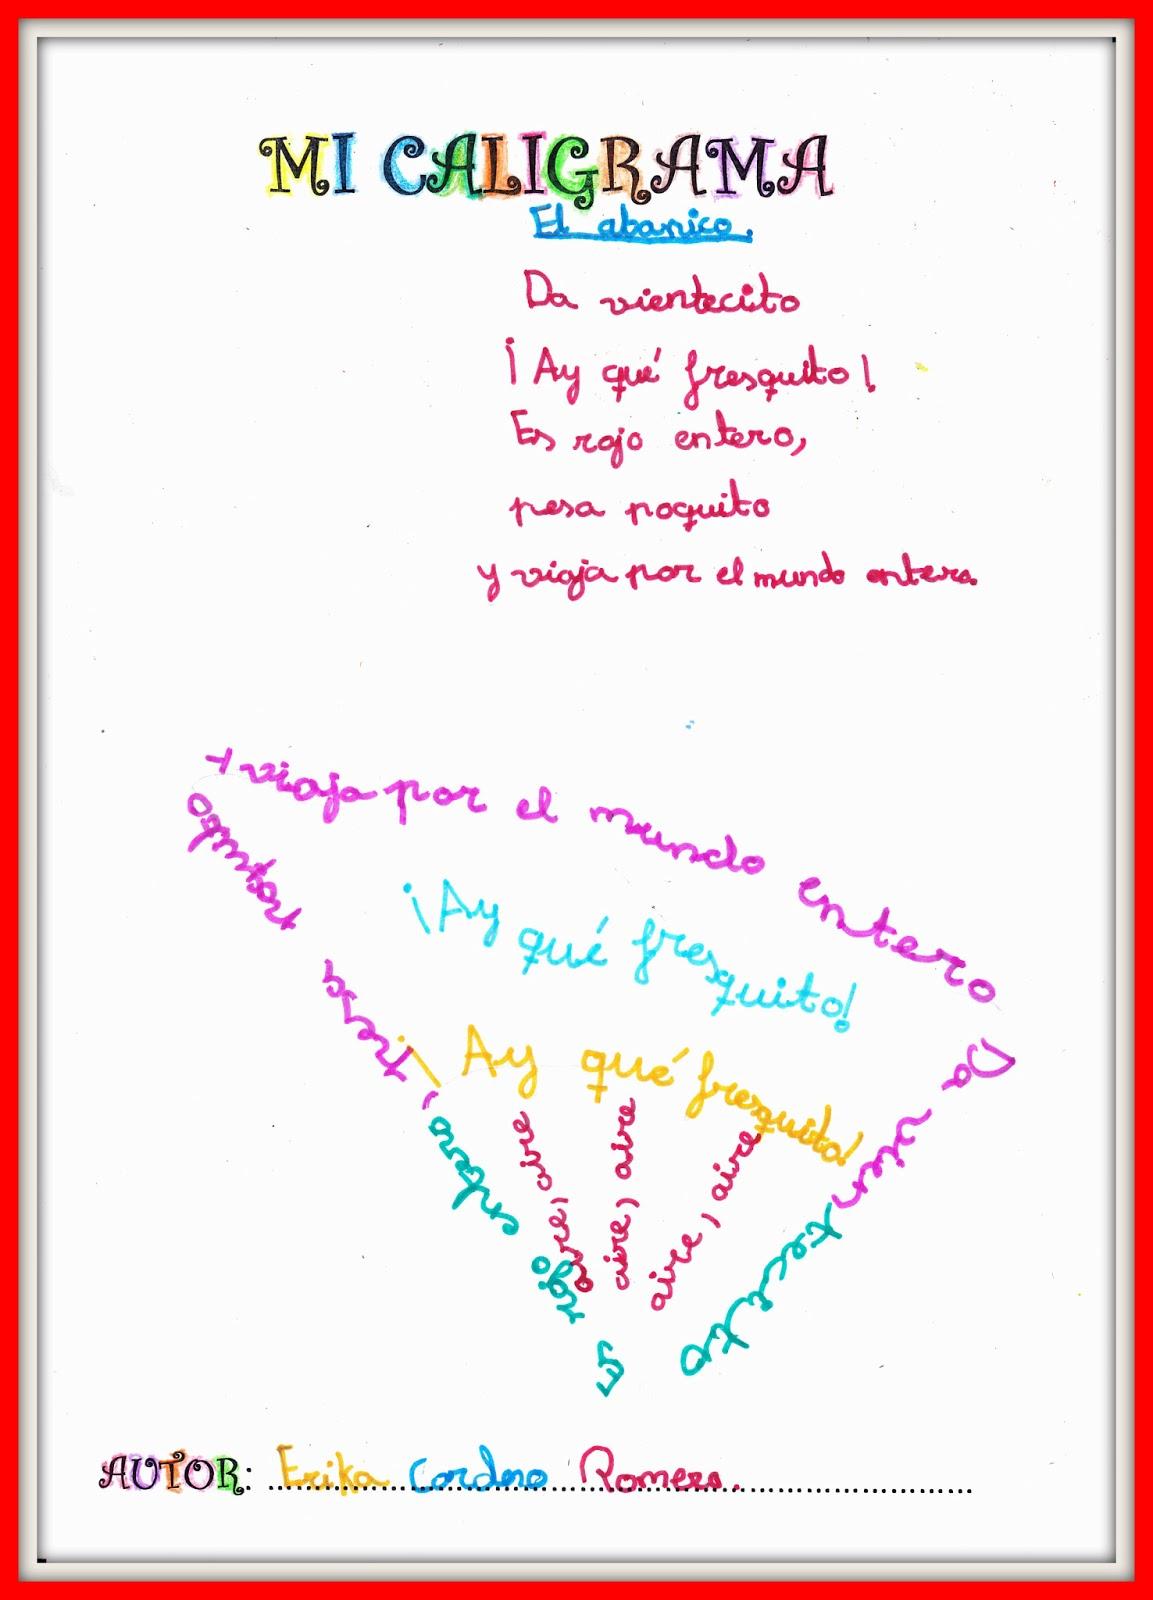 Download image Poemas Con Nombres De Personas PC, Android, iPhone and